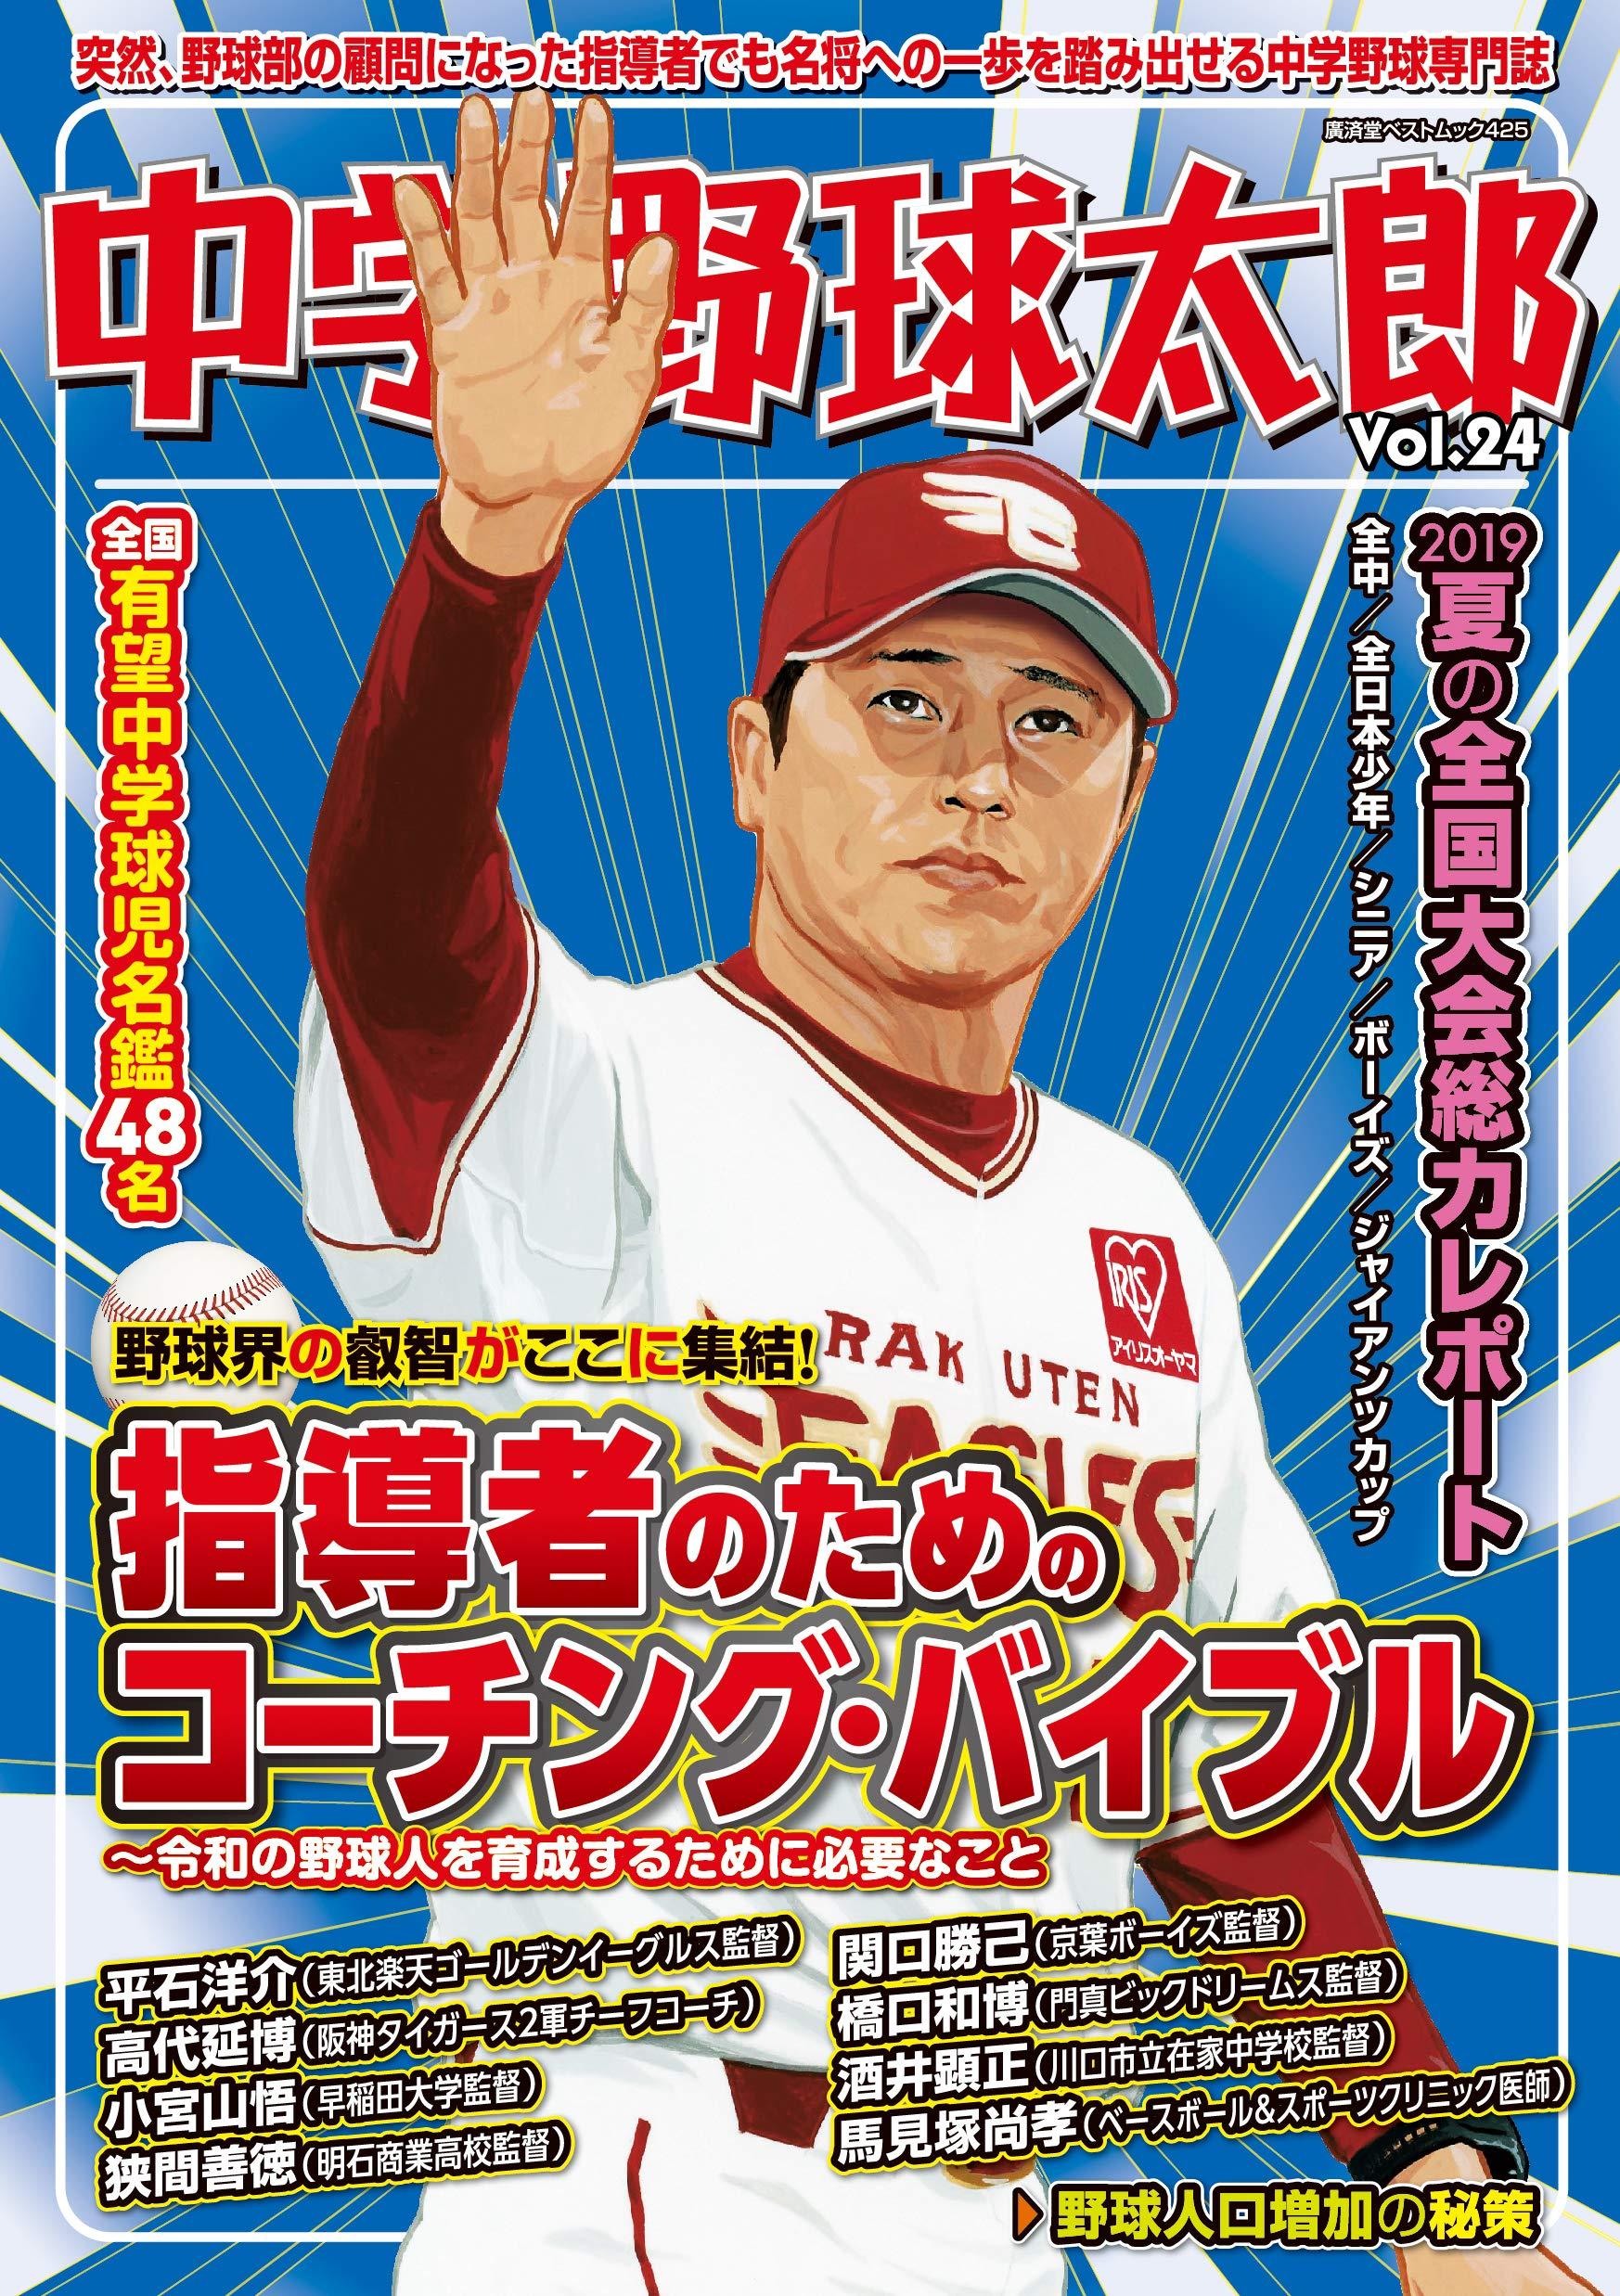 『中学野球太郎Vol.24 指導者のためのコーチング・バイブル』9月11日発売です!